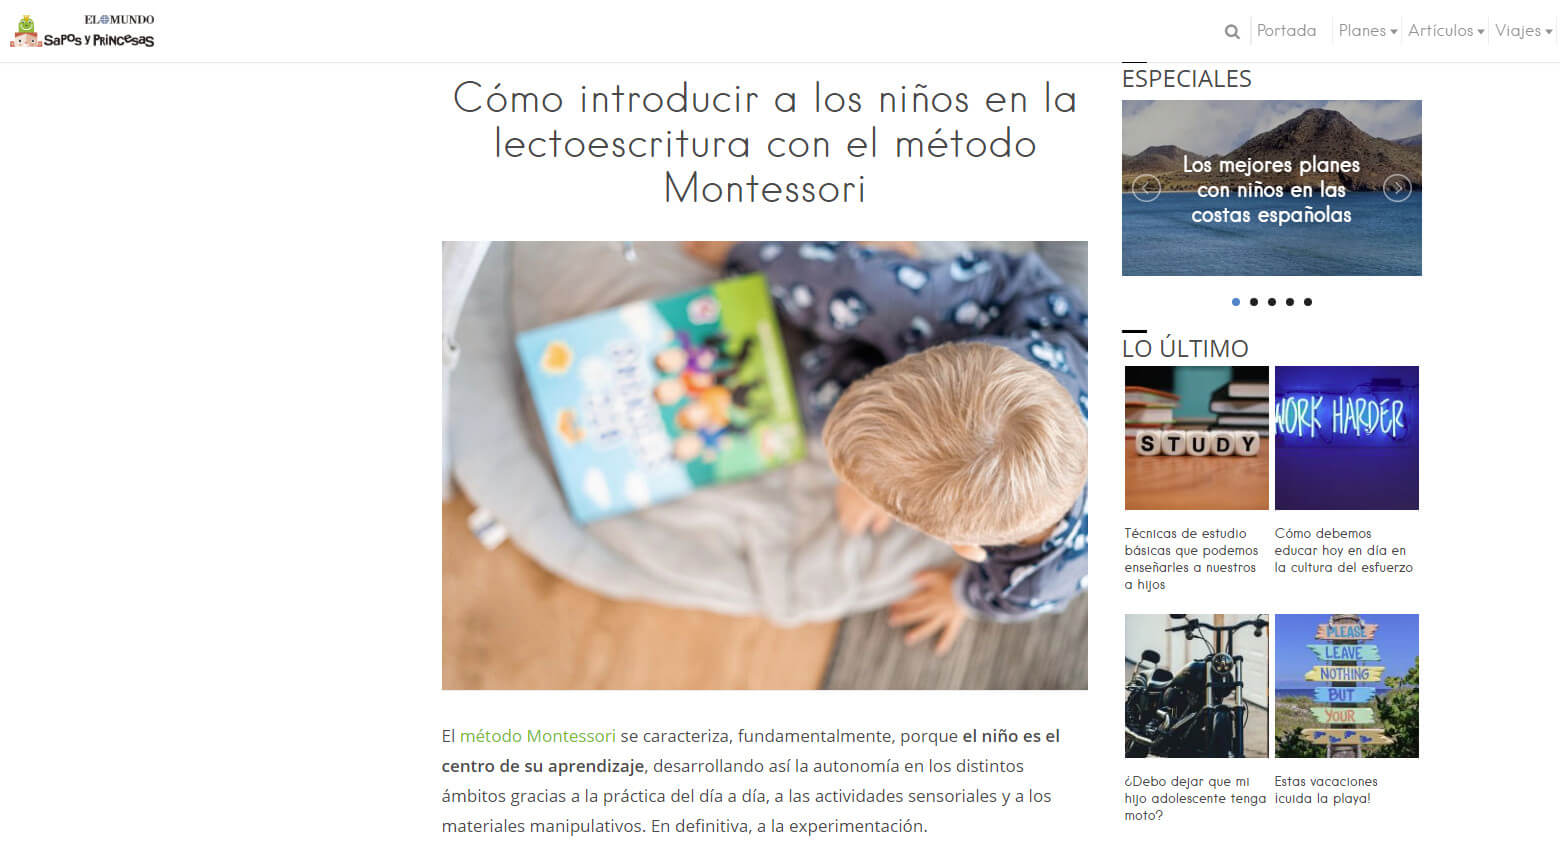 Lectoescritura con el método Montessori